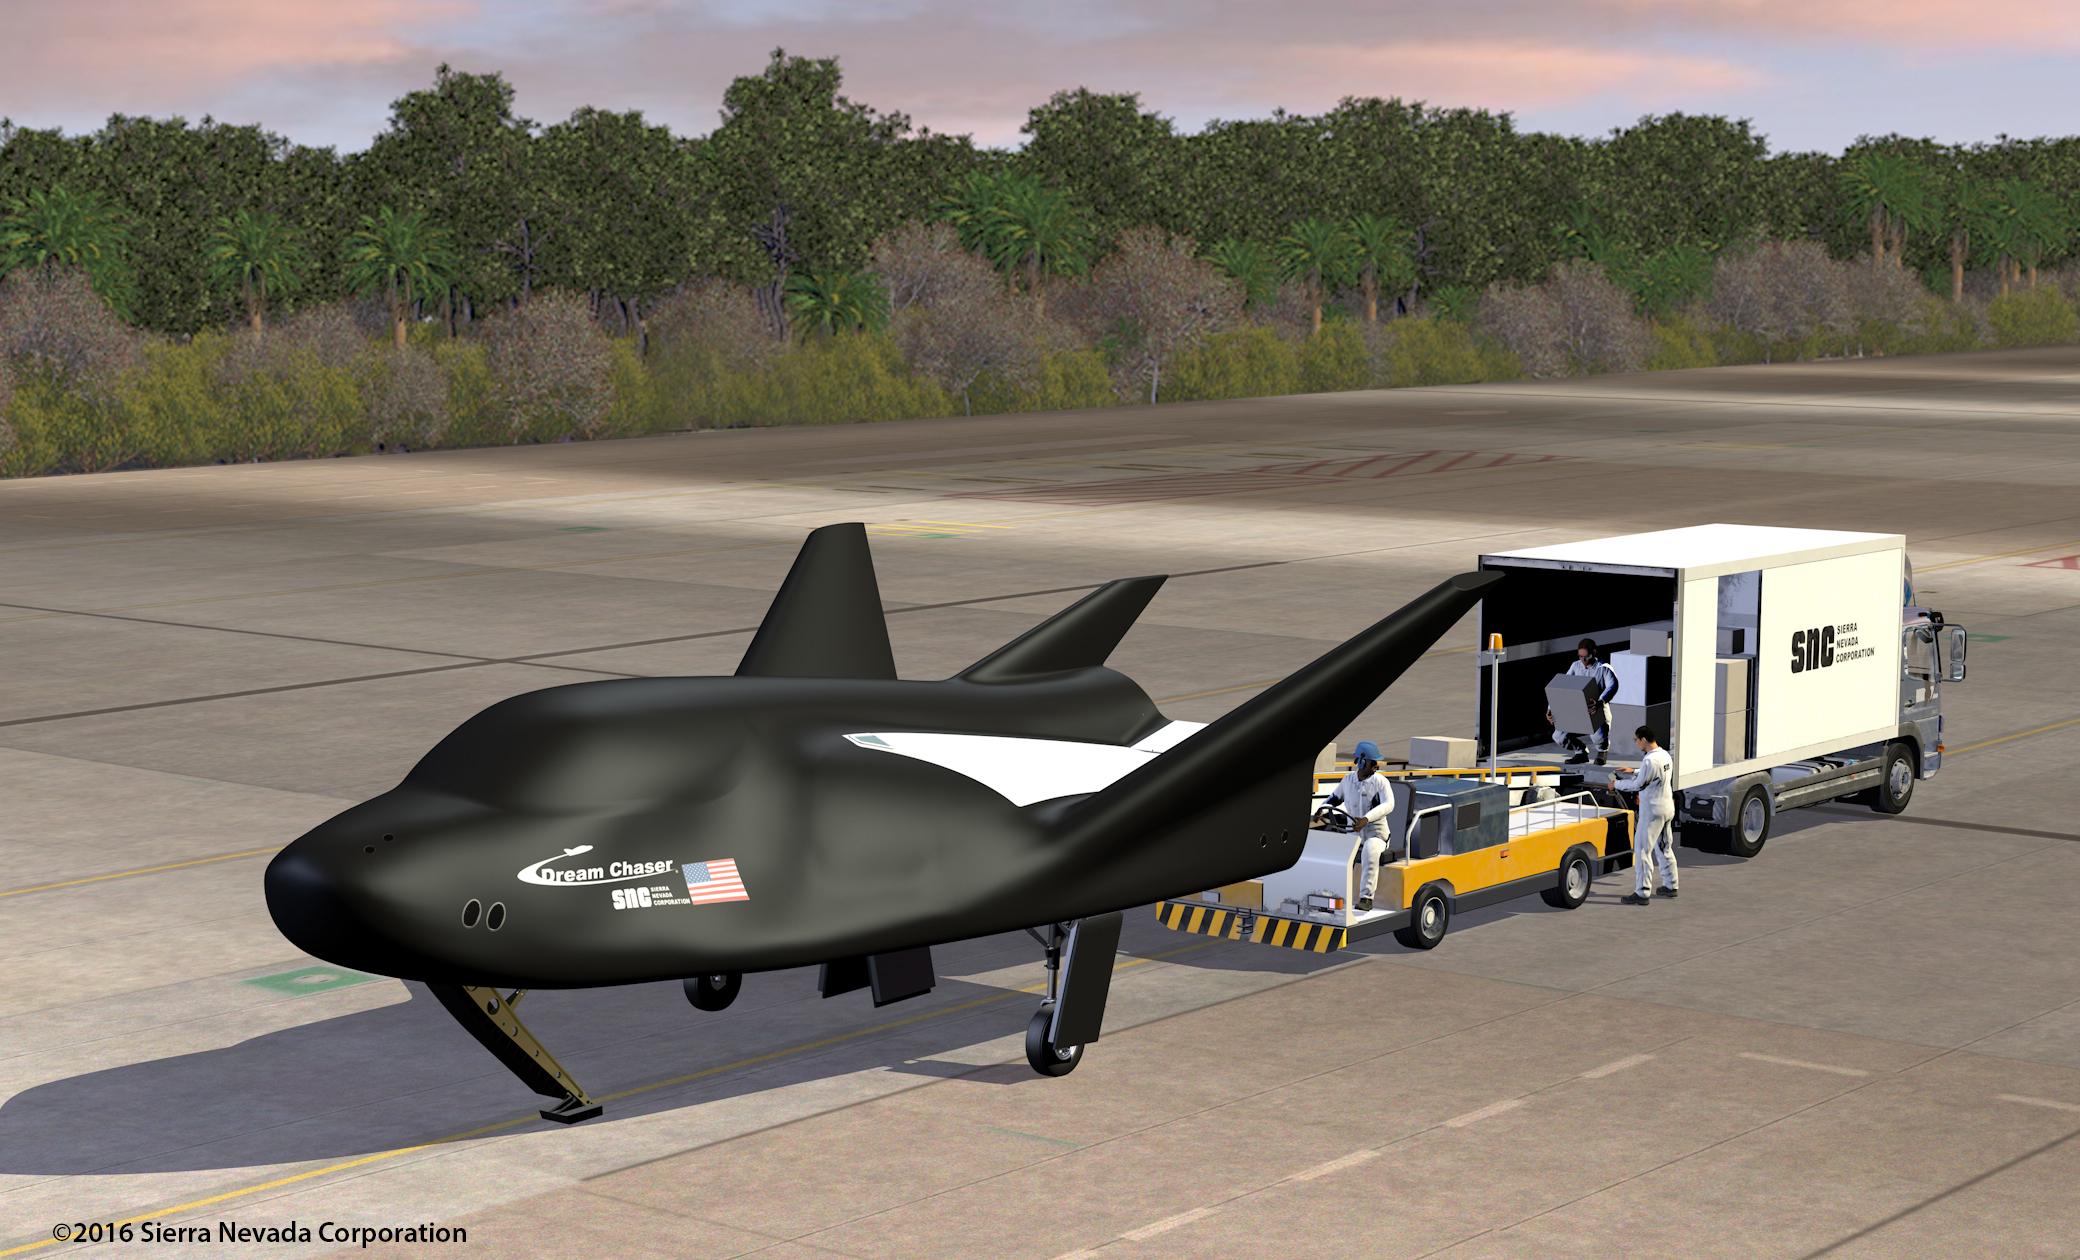 Sierra Nevada's Dream Chaser spaceplane